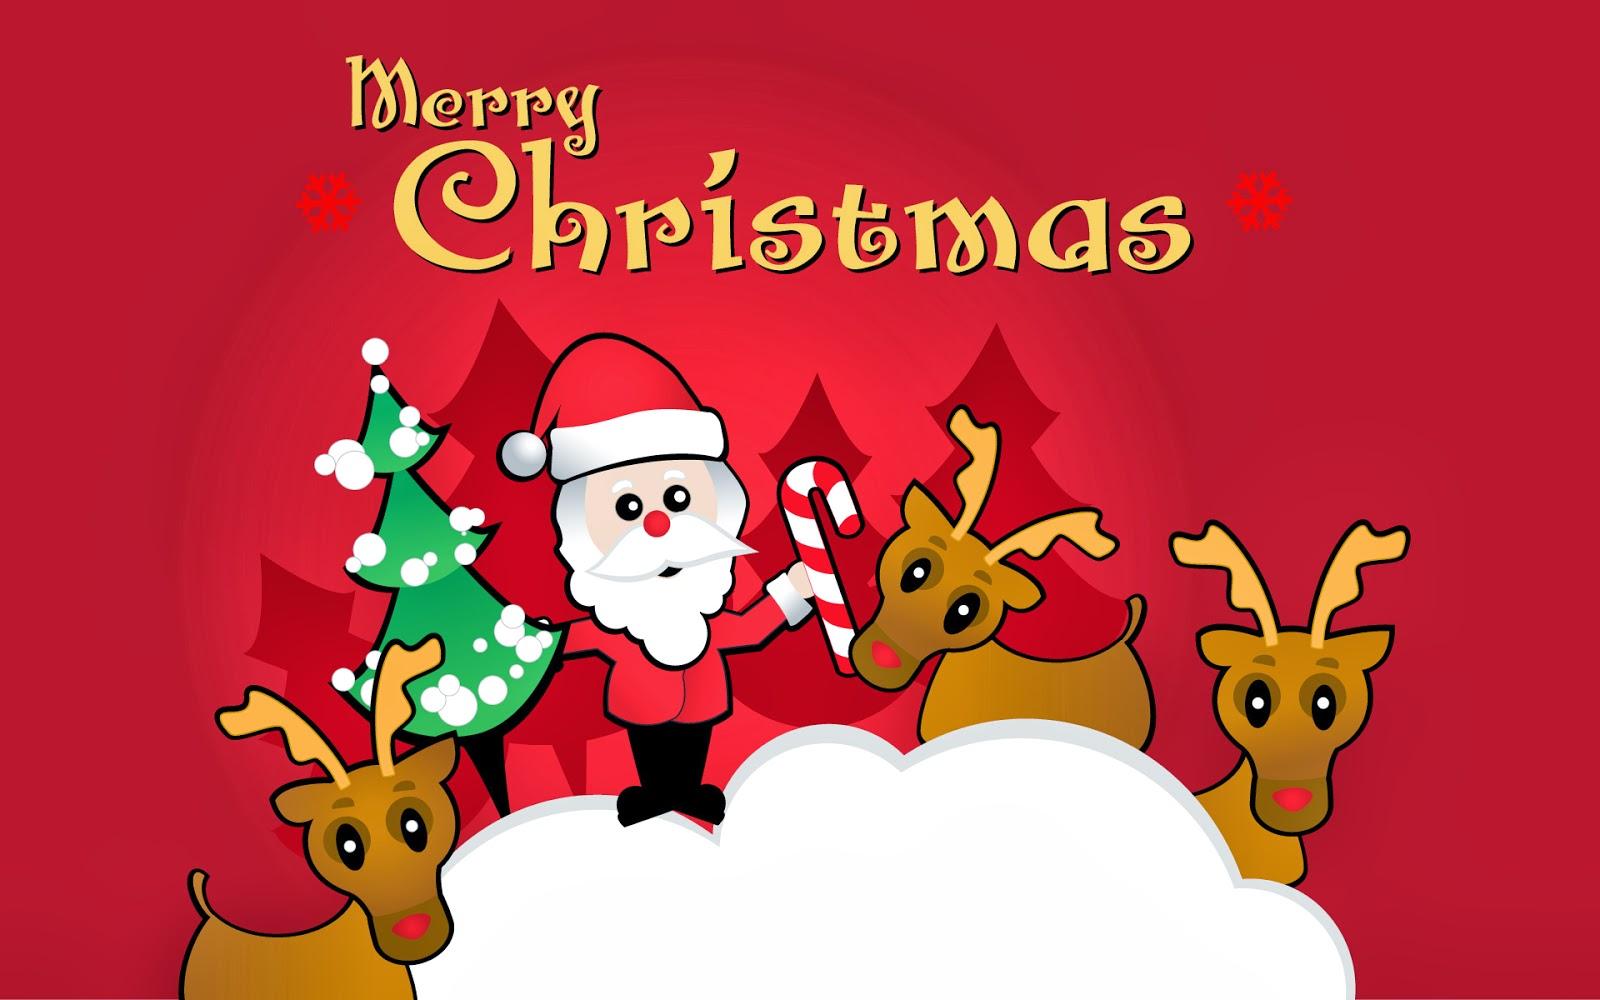 100 Weihnachtsspruche Sms Sprichworter Und Redewendungen